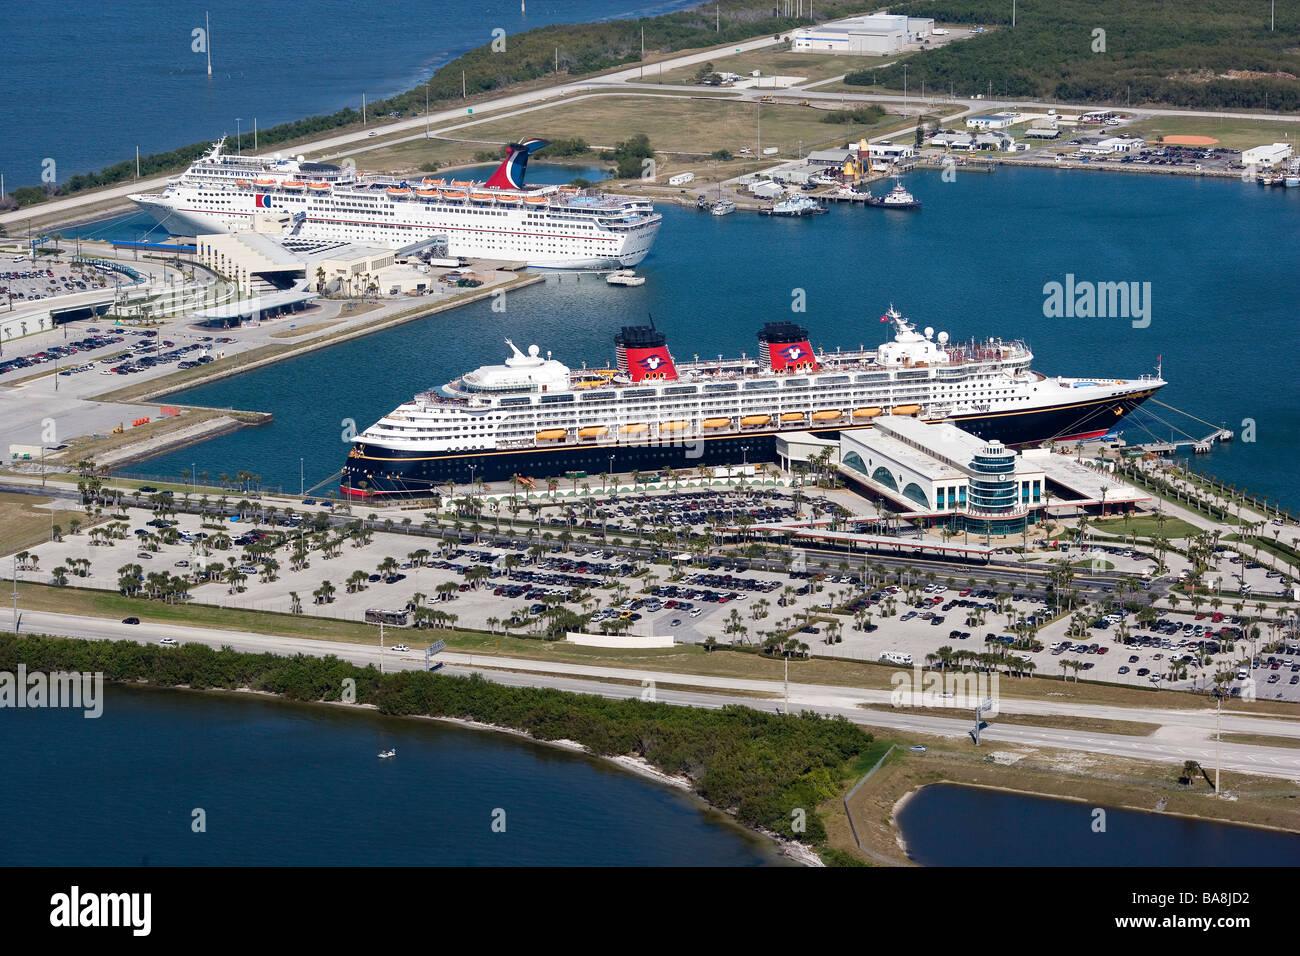 Cocoa Beach Port Canaveral Fl